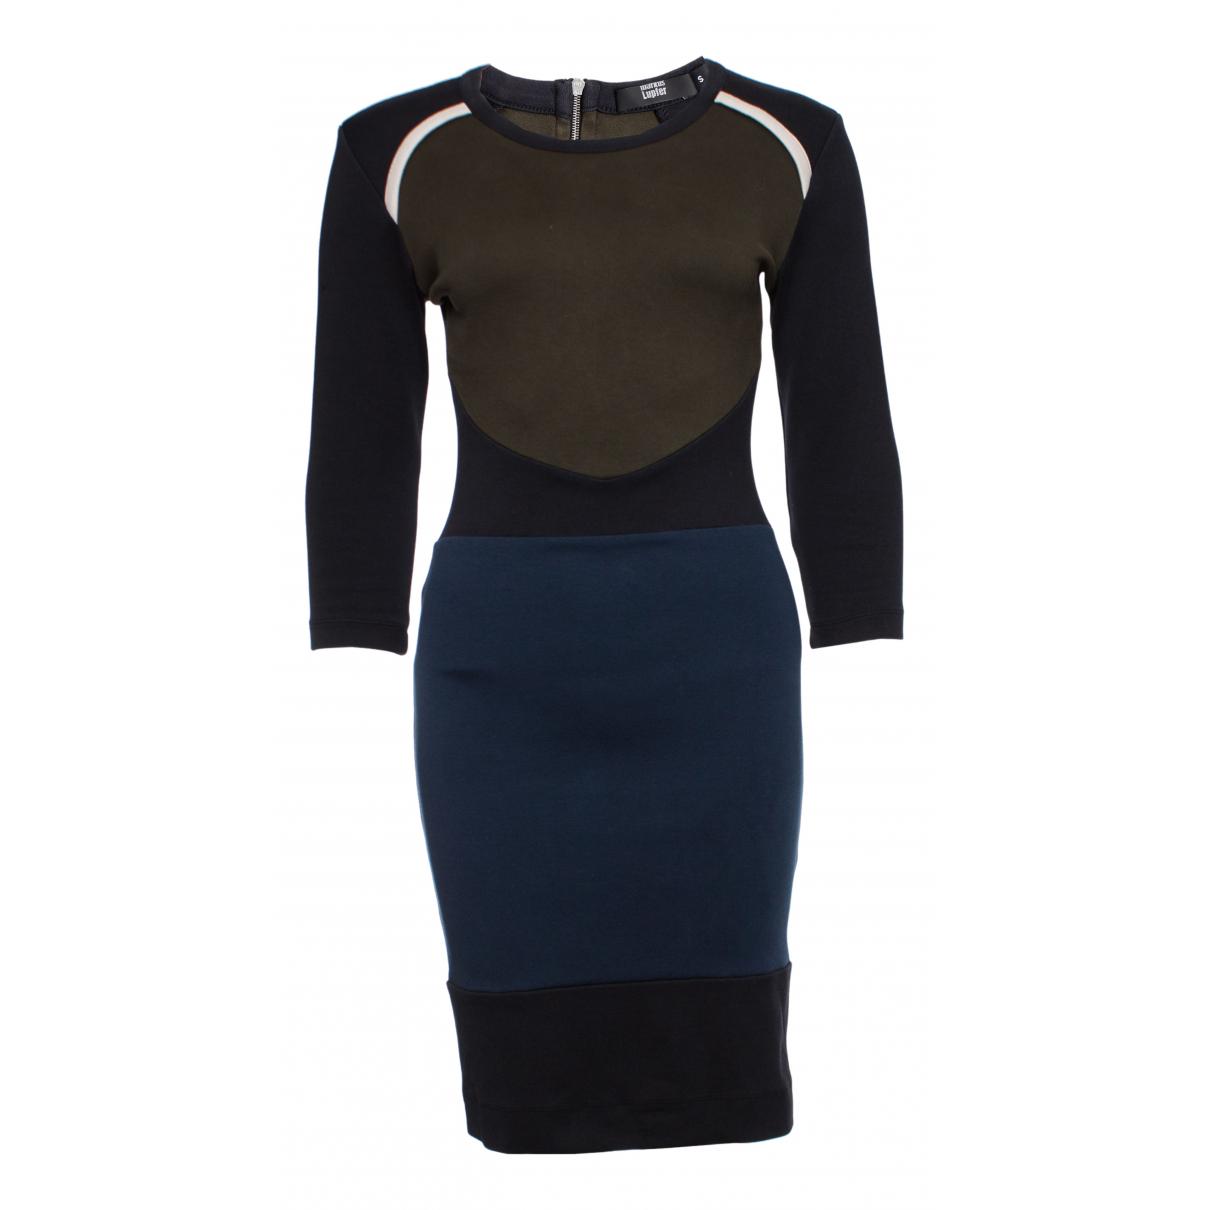 Markus Lupfer N Multicolour Cotton dress for Women S International